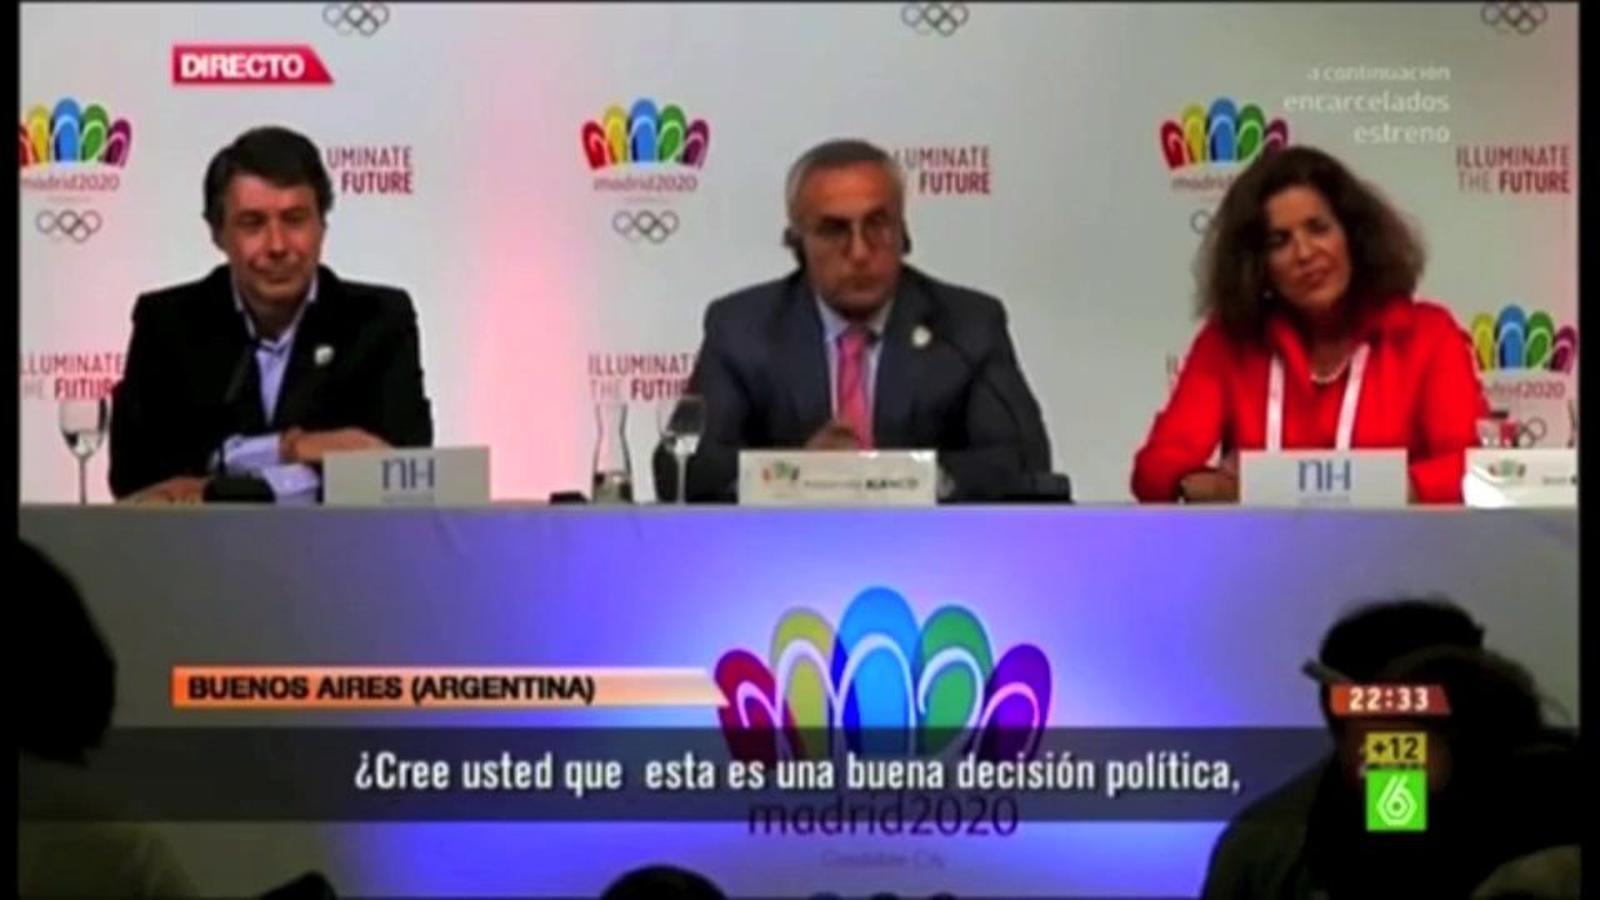 L'alcaldessa de Madrid, Ana Botella, s'embolica amb l'anglès a l'hora de respondre la pregunta d'un periodista a Buenos Aires